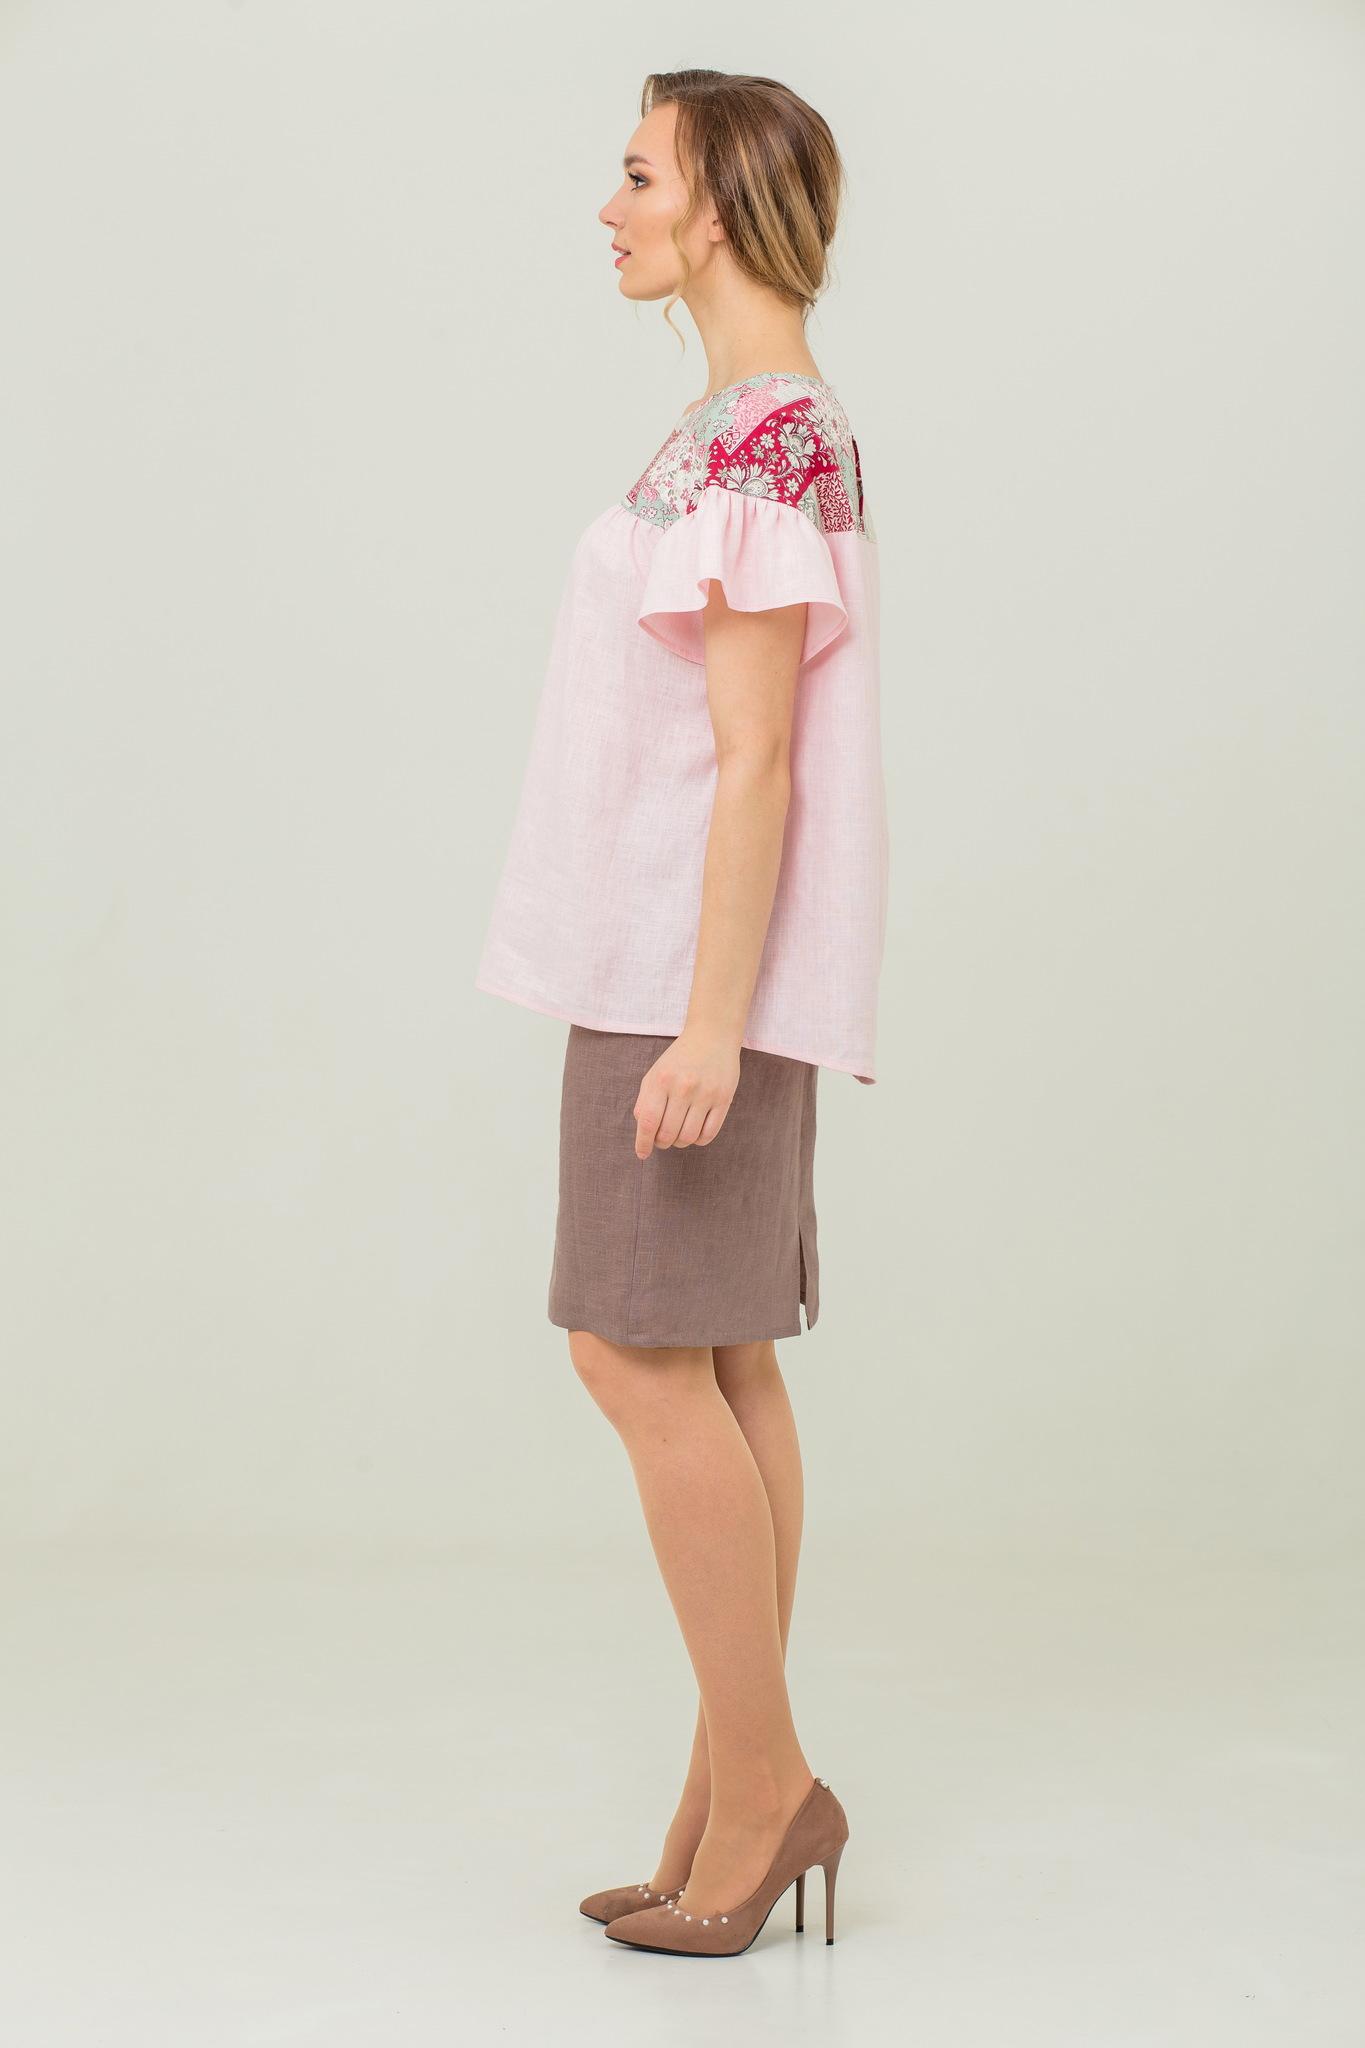 Блуза из льна и хлопка на лето Сладкая ваниль